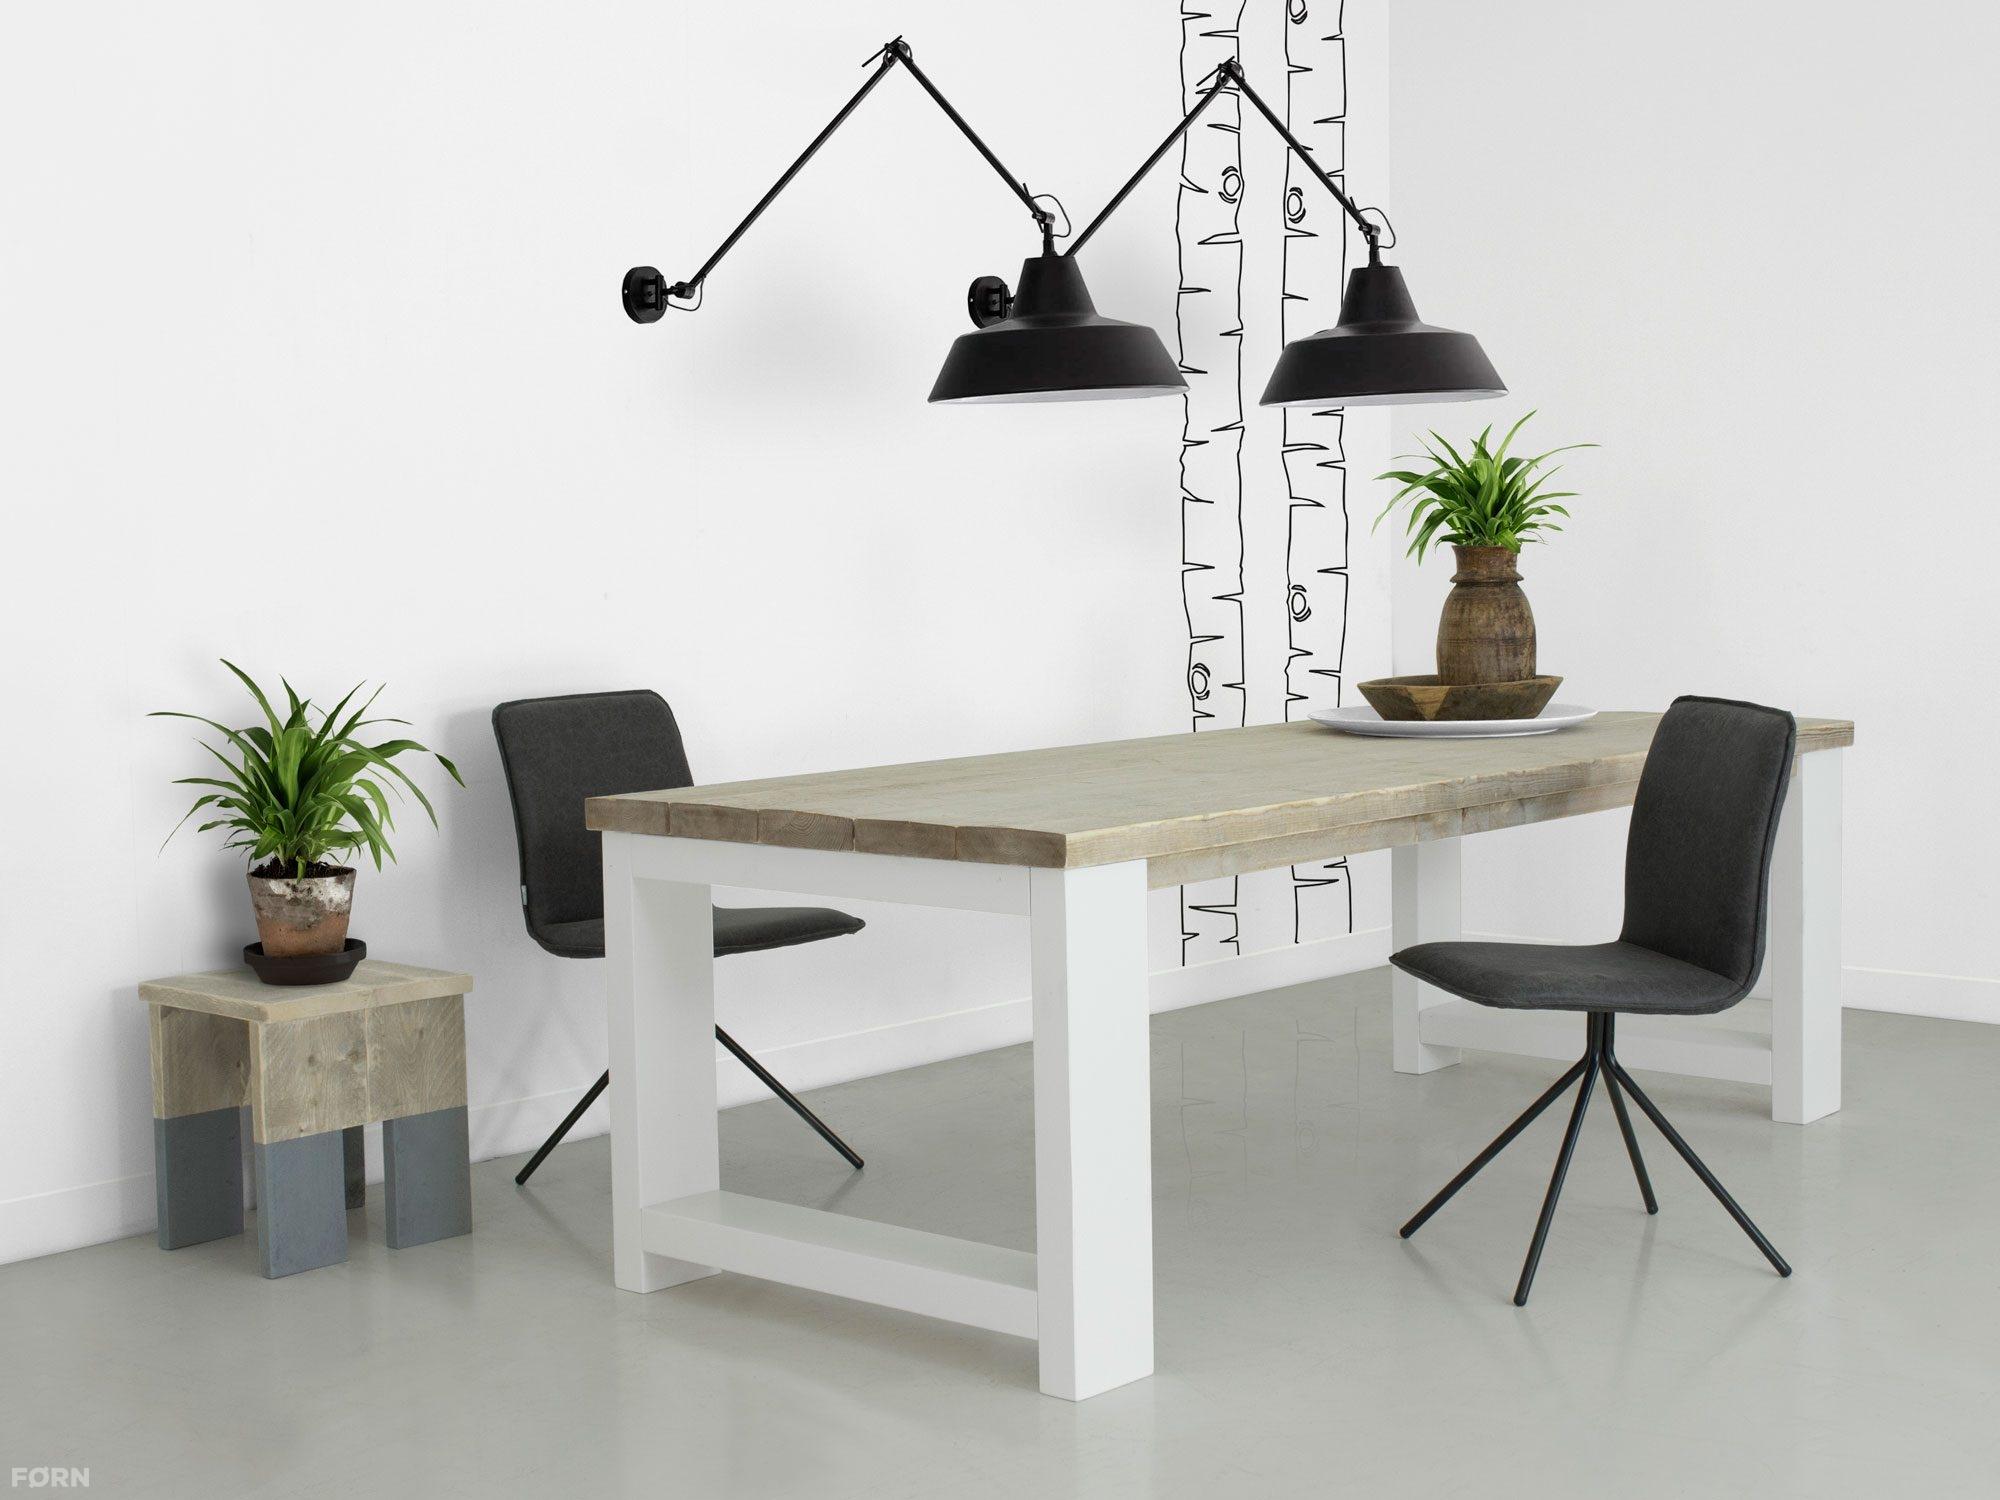 Super Steigerhouten tafel met dikke planken Millau | Tafels met witte poten DN-33